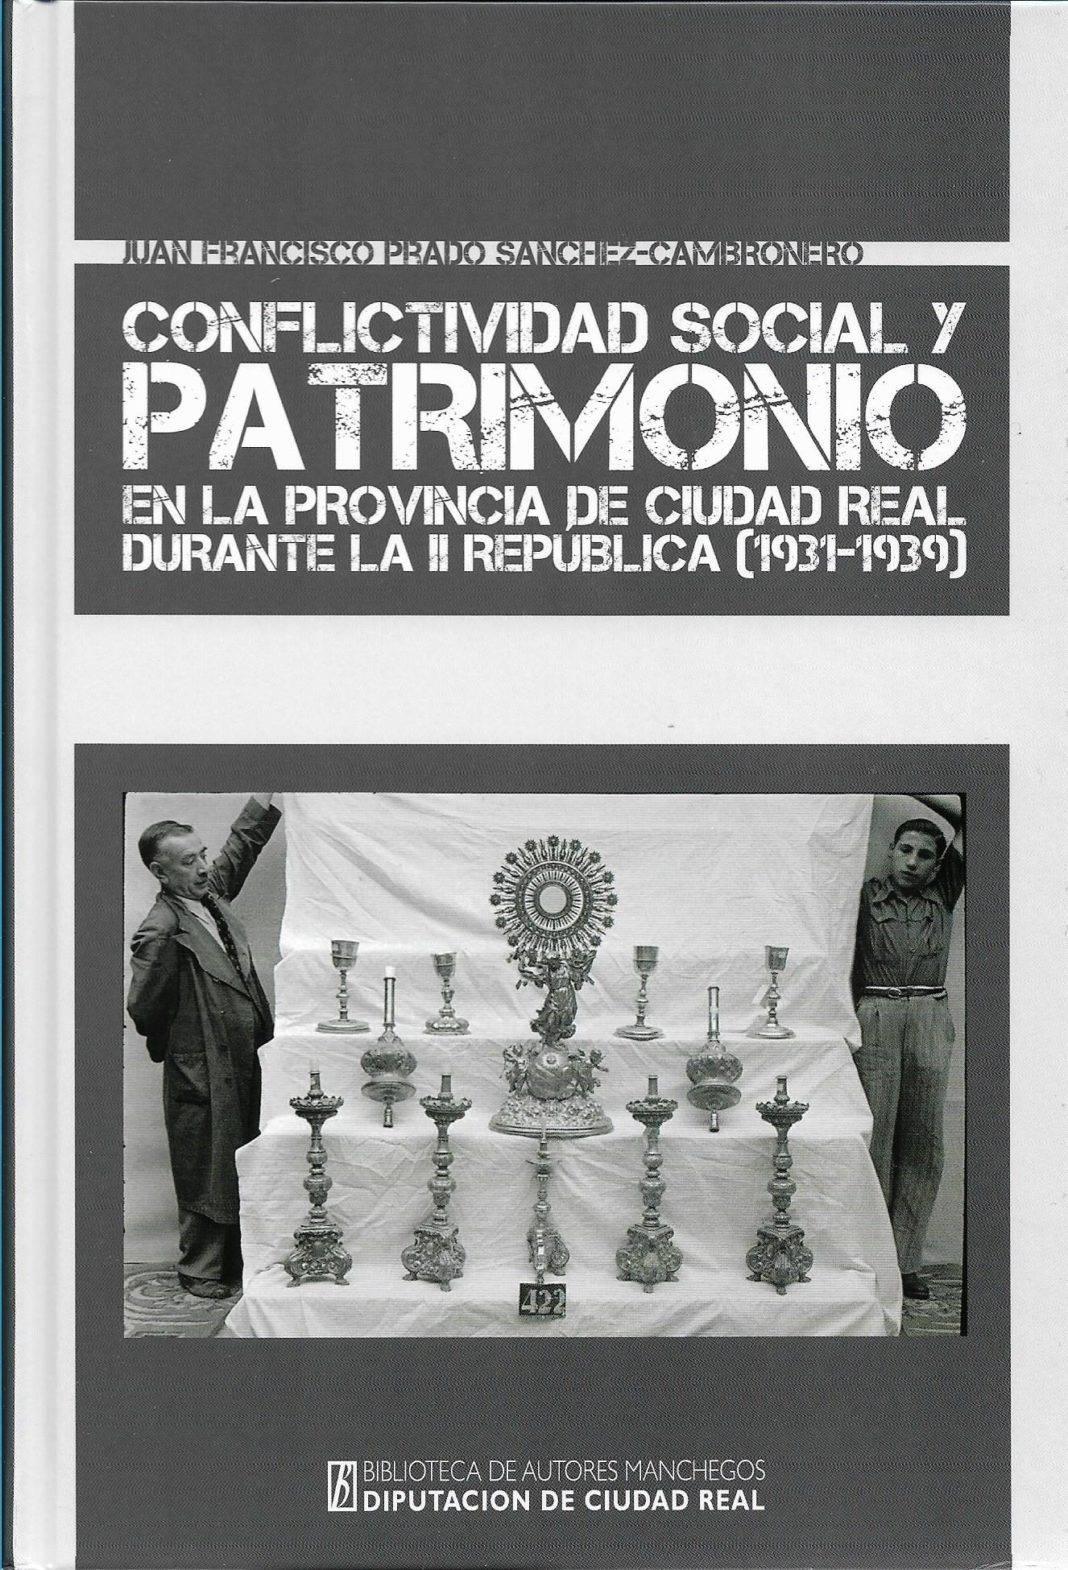 Conflictividad Social y Patrimonio en la provincia de Ciudad Real durante la II República 1931 1939 Juan Francisco Prado 1068x1570 - Juan Francisco Prado presenta su libro Conflictividad Social y Patrimonio